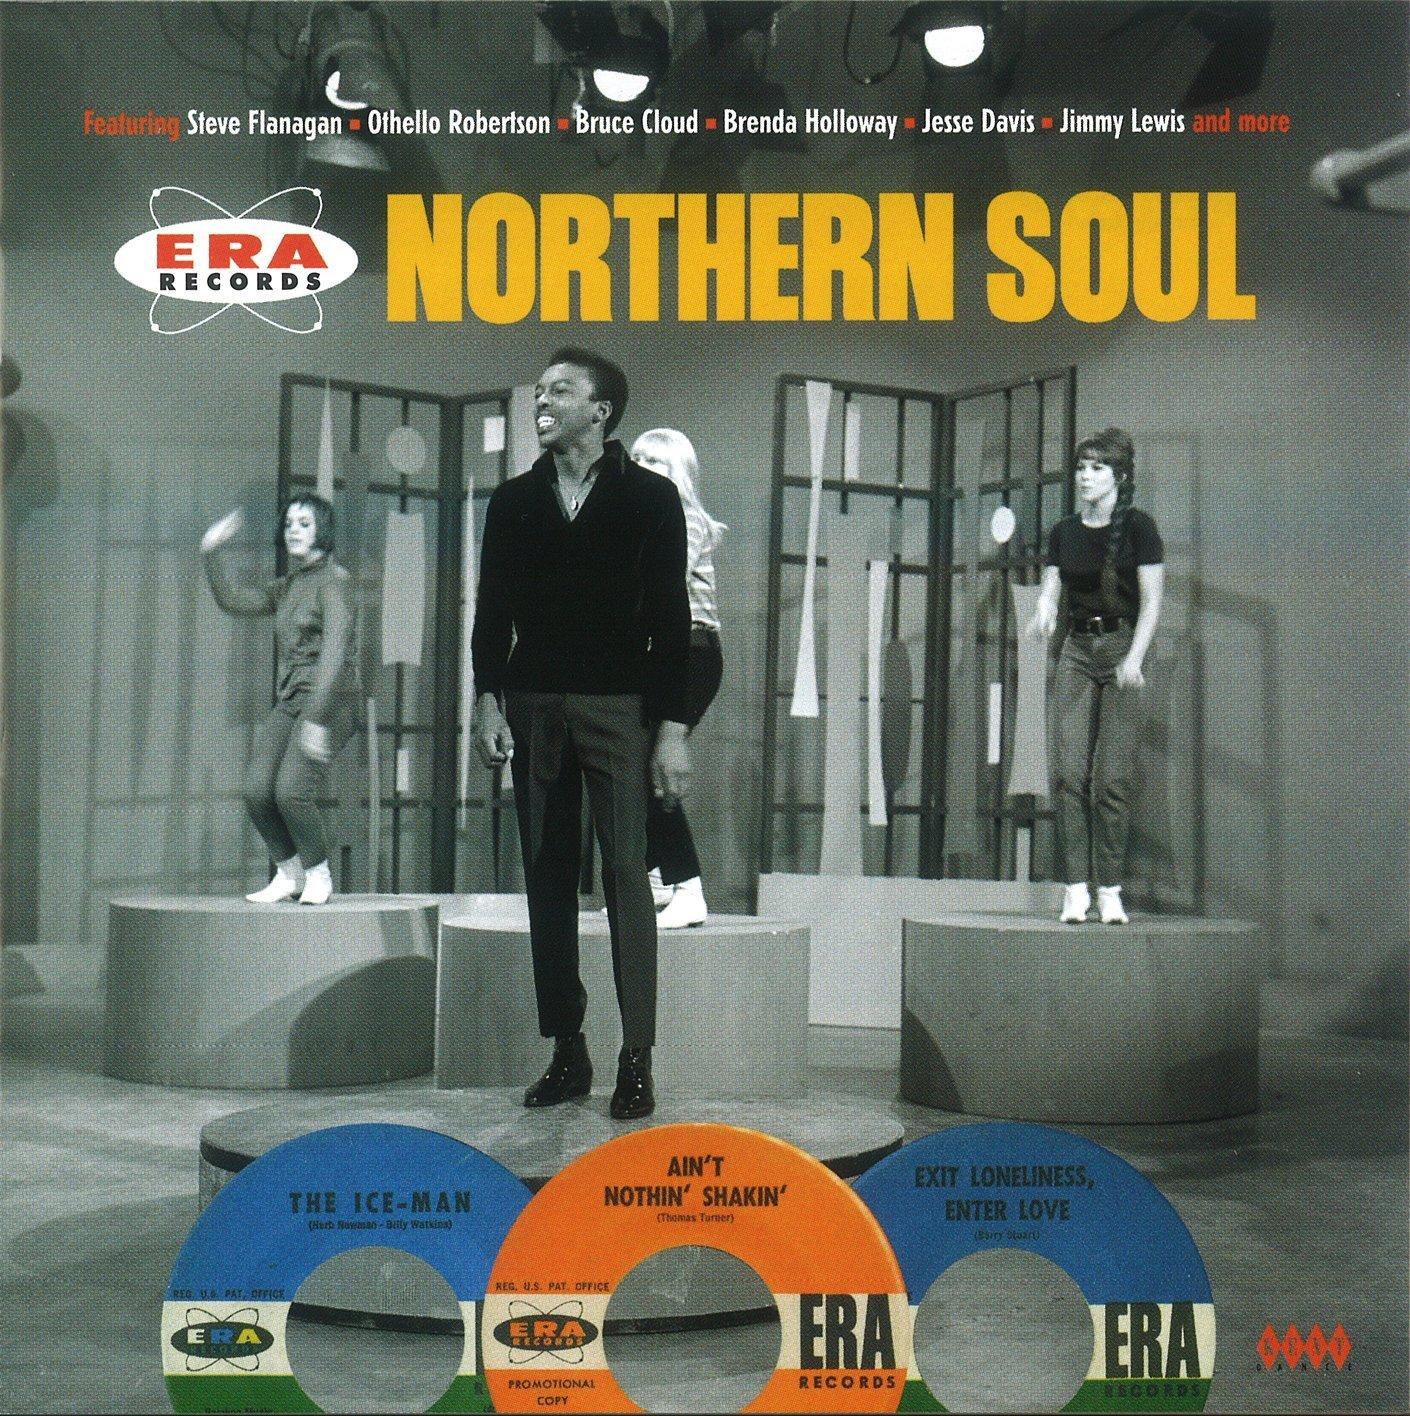 Era Northern Soul – Various Artists CD (Kent)